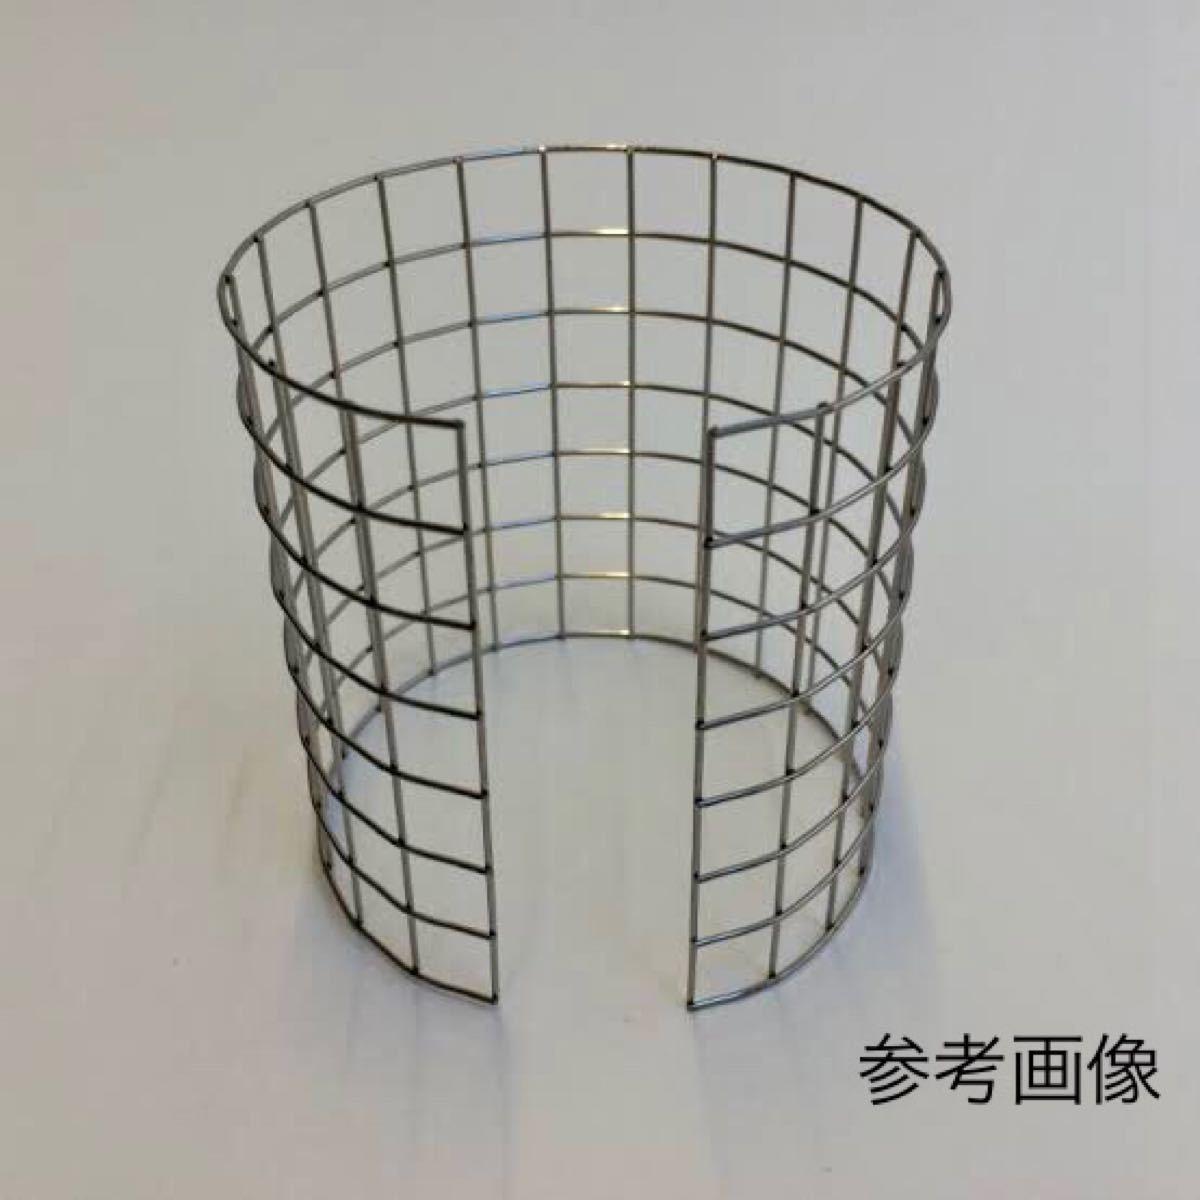 ウェルドワイヤー五徳用 ファインメッシュWelded Wire Stove Stand用/ハイカーズデポ ムーンライトギア